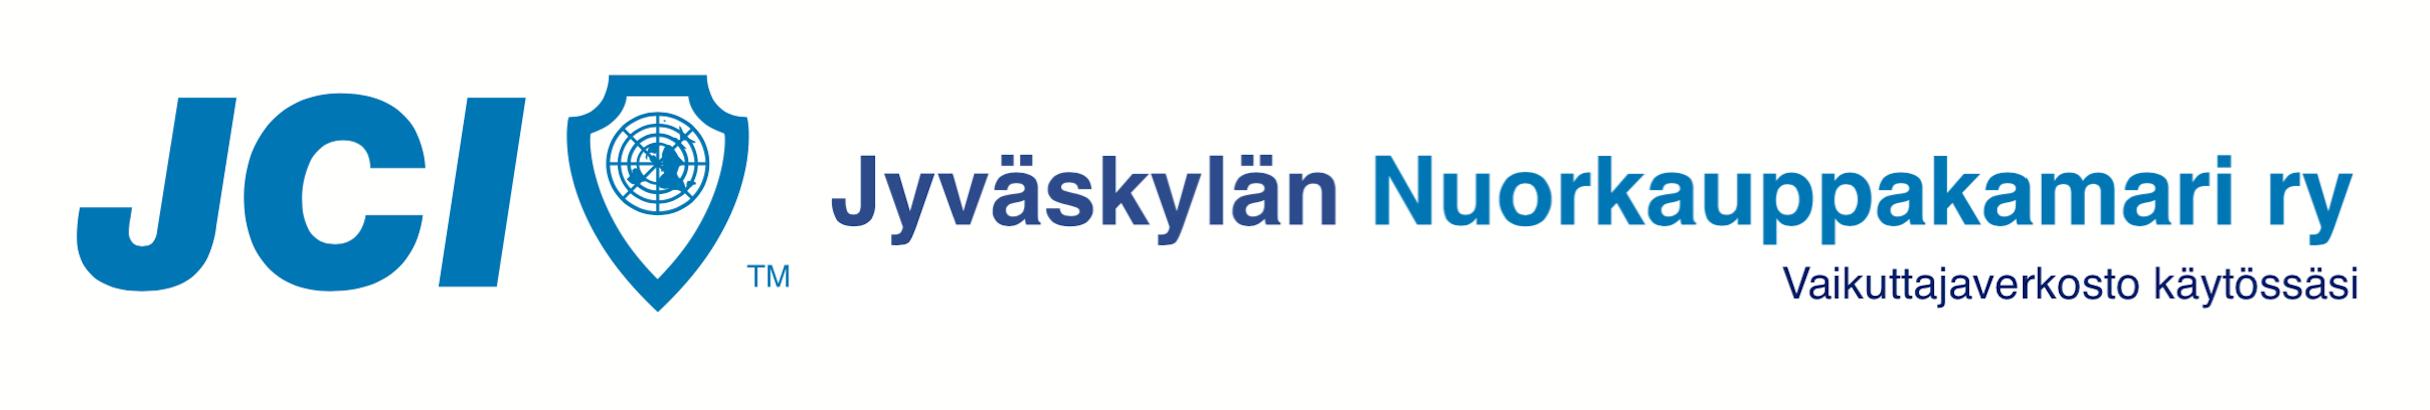 Jyväskylän Nuorkauppakamari